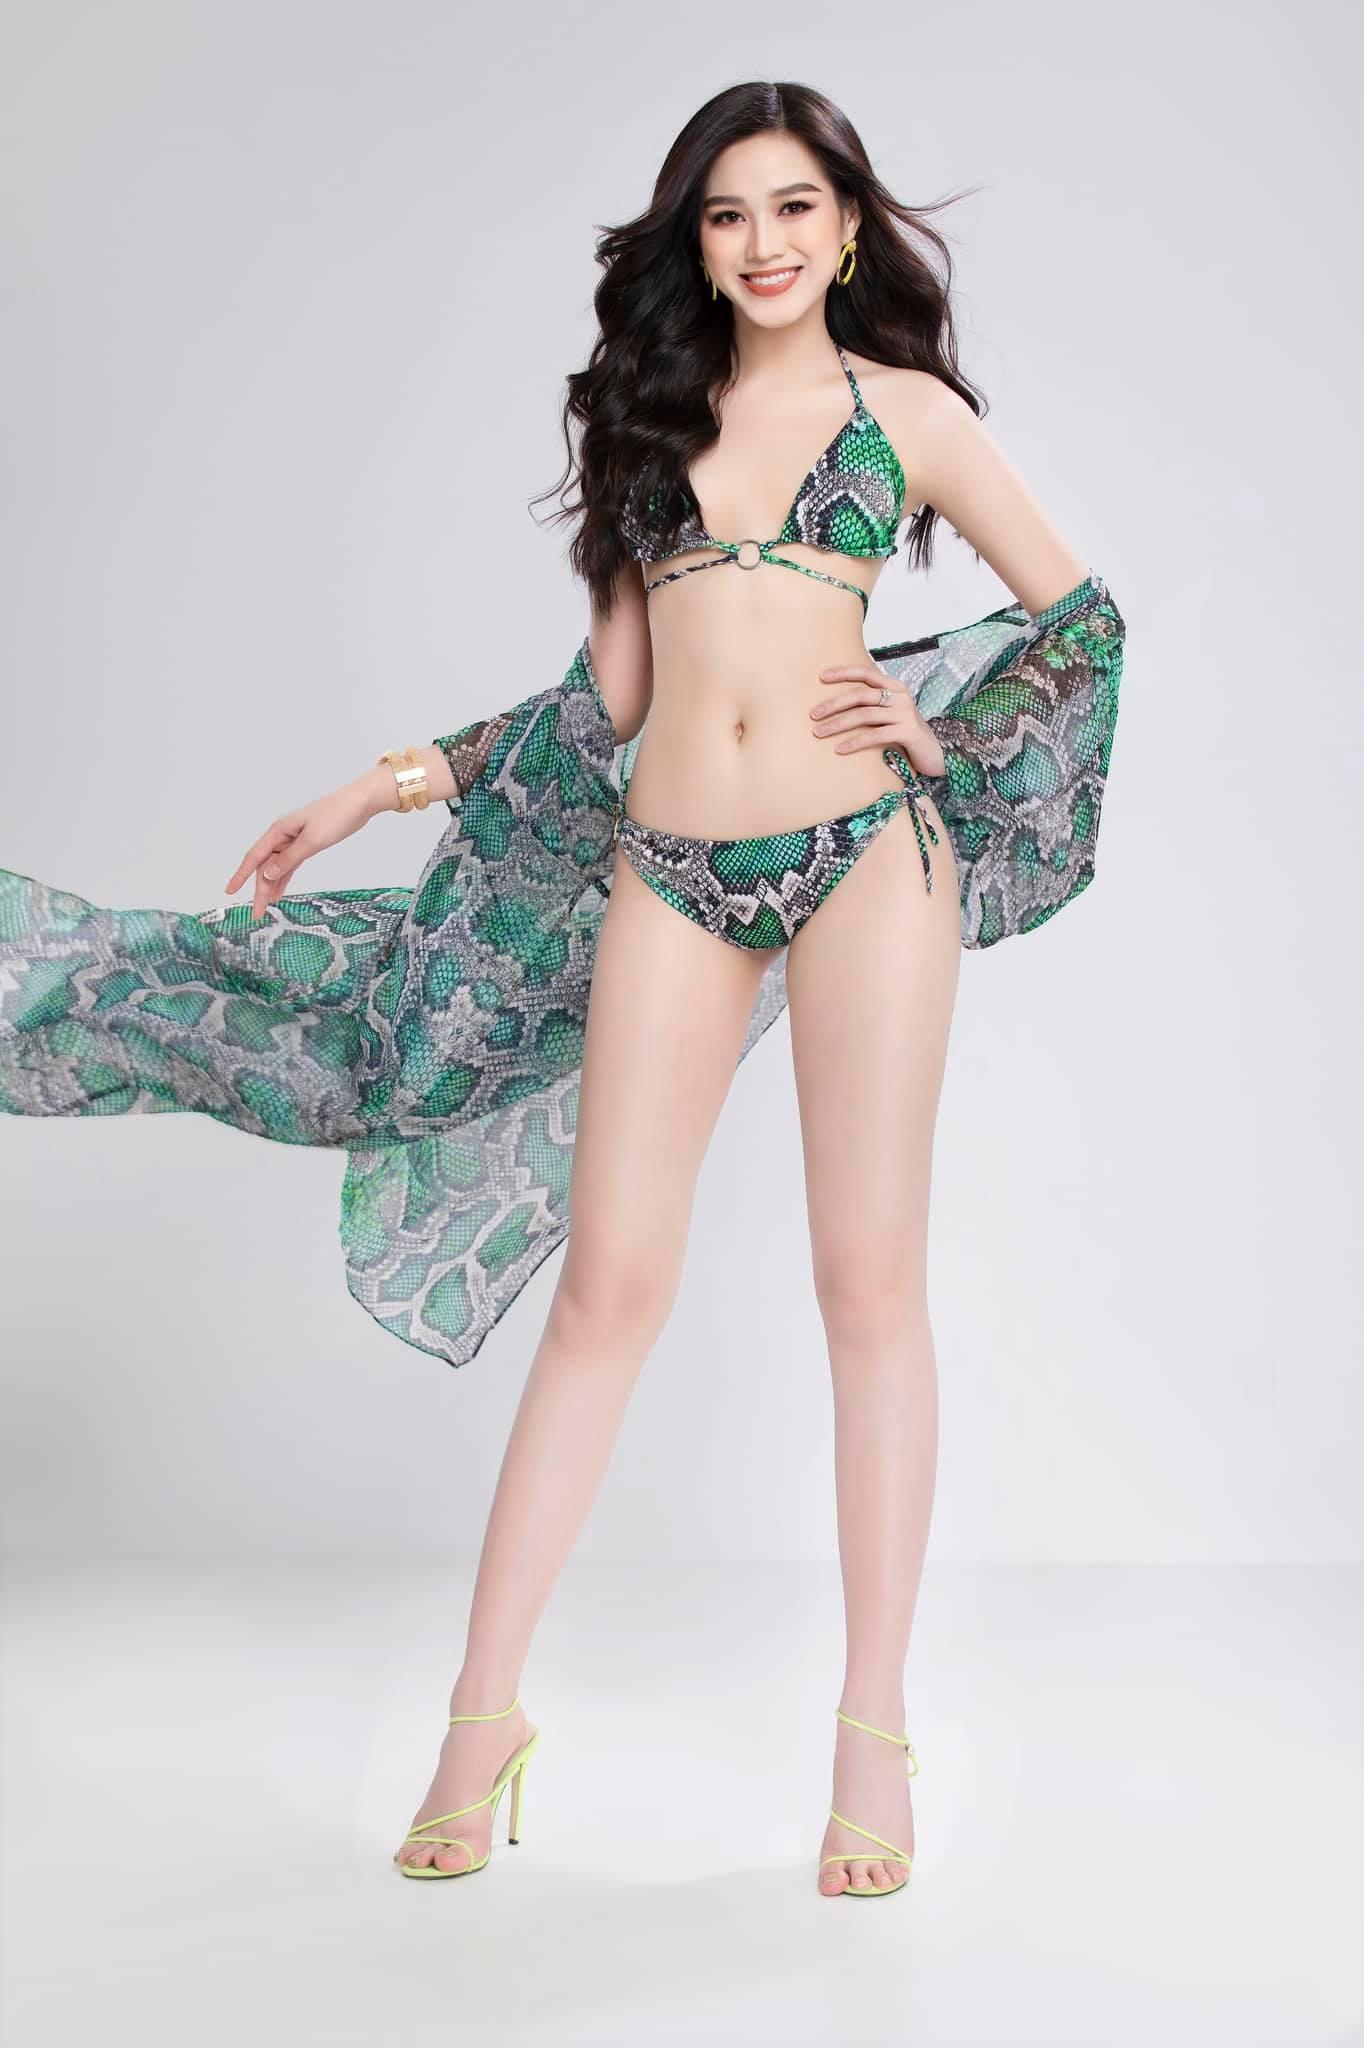 Diện bikini khoe nét hiền dịu, fan gợi ý Đỗ Thị Hà dao kéo để xinh đẹp hơn